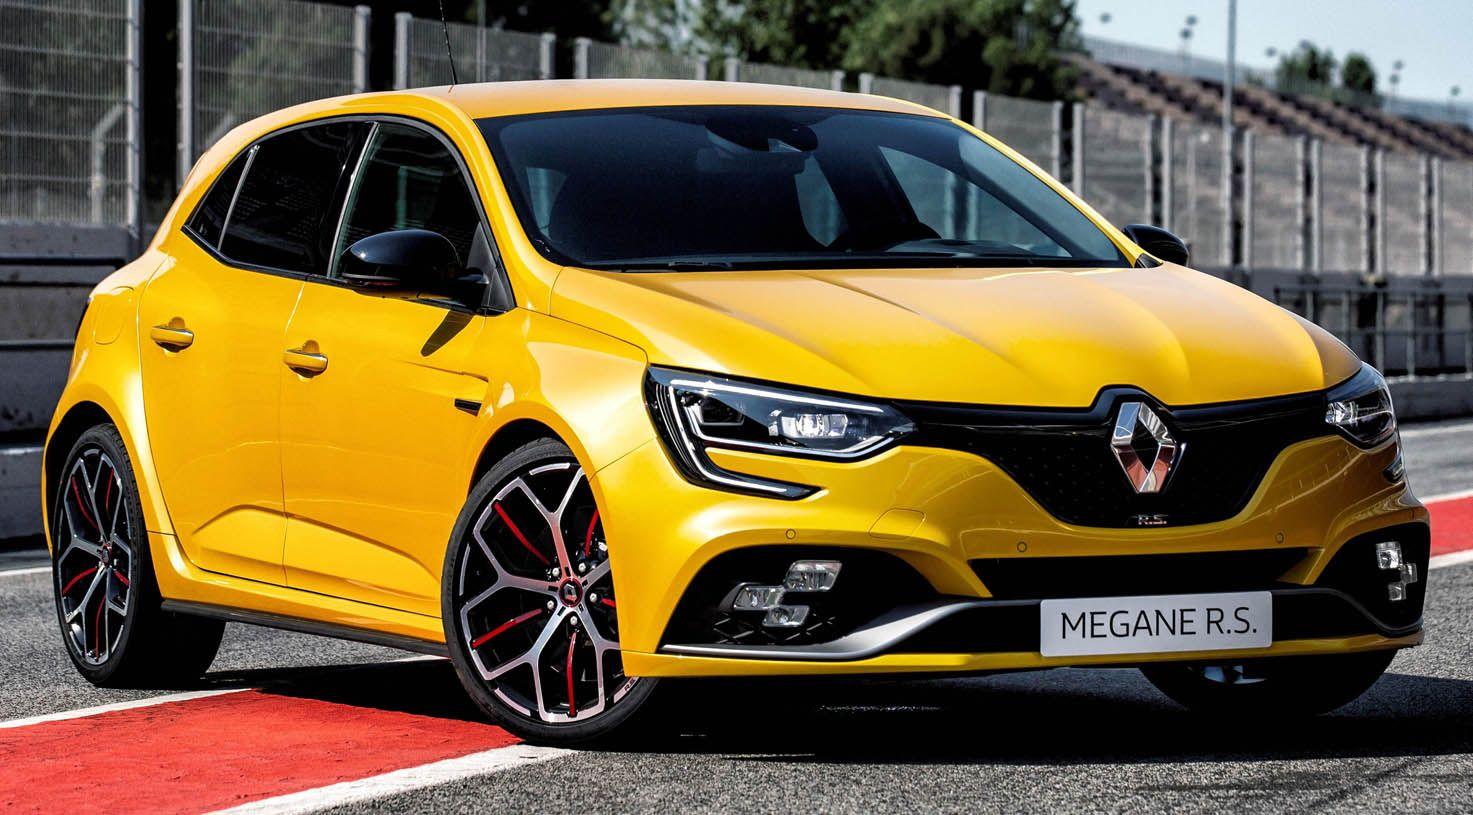 رينو ميغان آر إس تروفي 2019 الجديدة الأقوى والأكثر تميزا والهدف المركز الأول موقع ويلز Renault Megane New Renault Renault